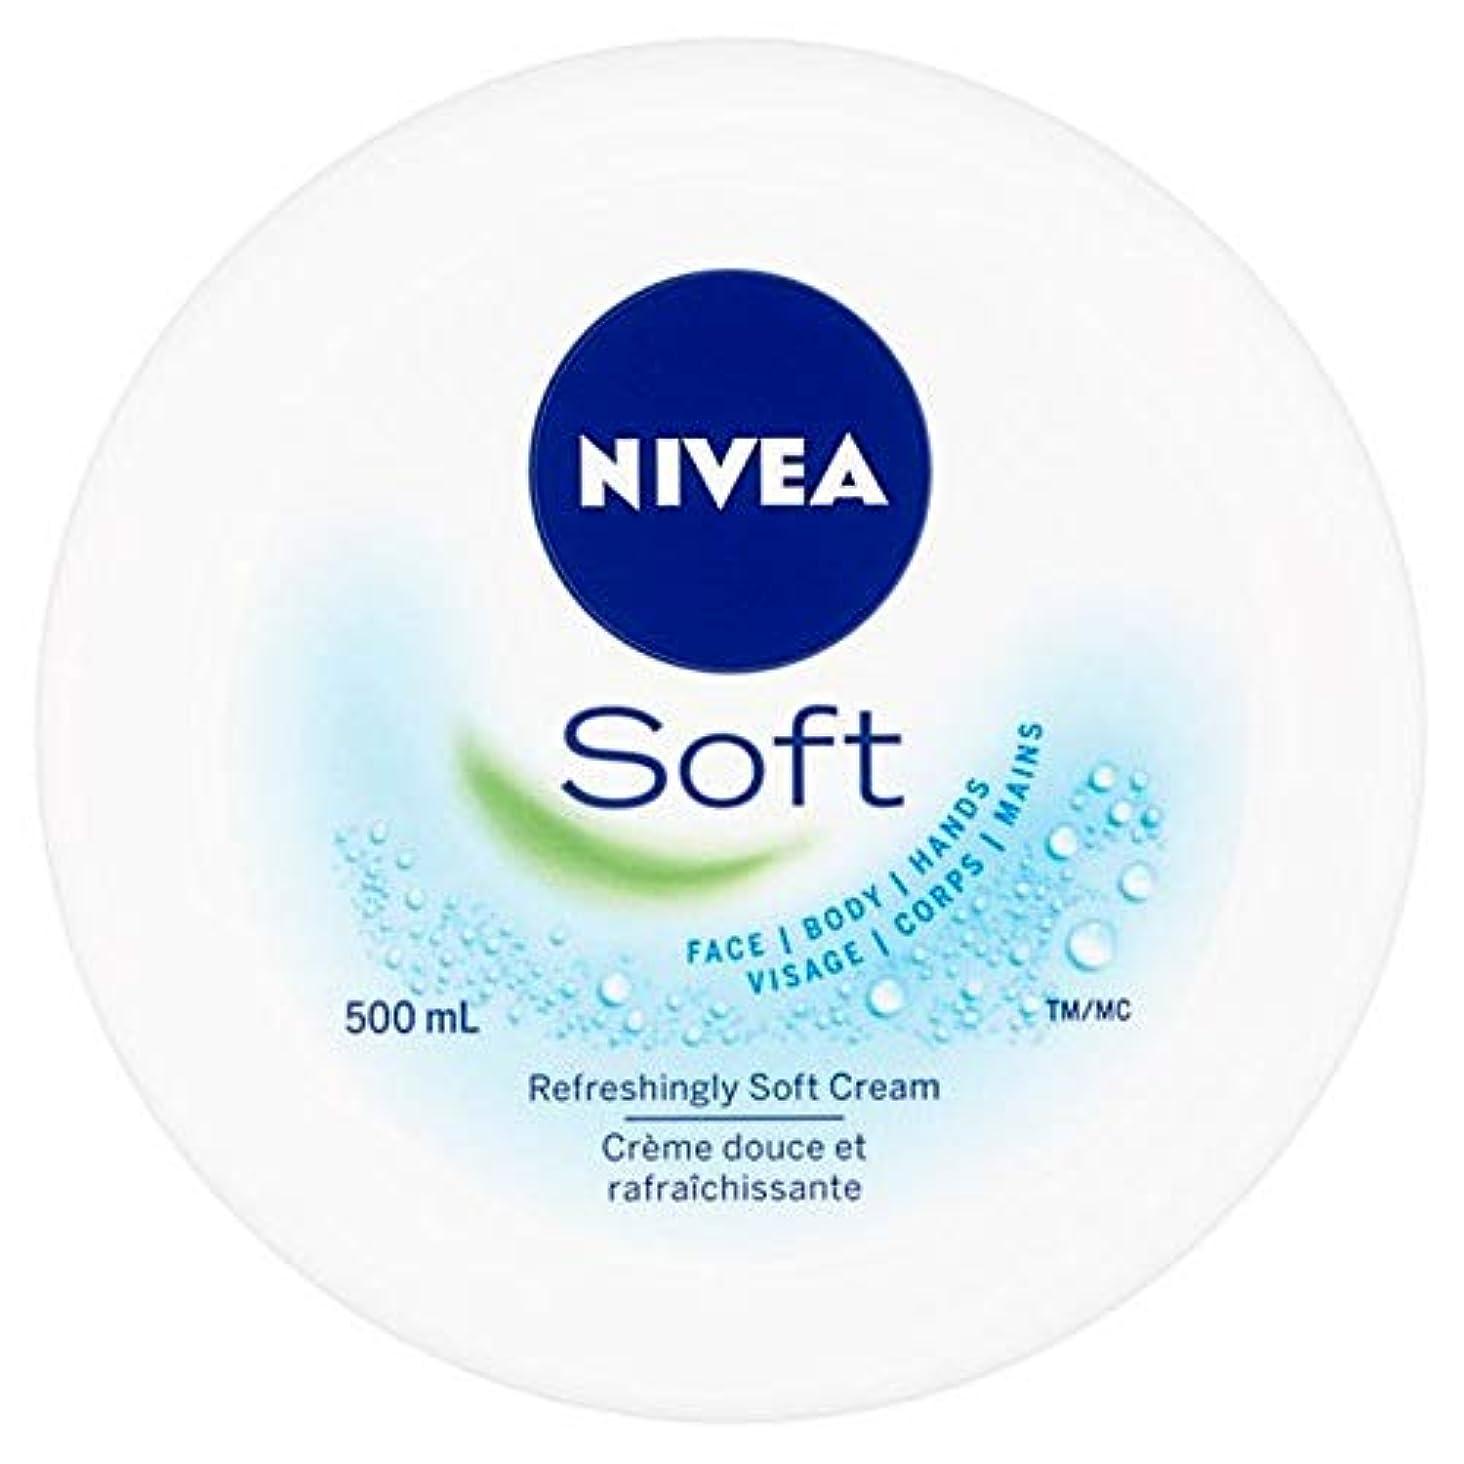 改革ユーモラスシンジケート[Nivea] ニベアソフト爽やかなクリーム500ミリリットル - Nivea Soft Refreshing Cream 500Ml [並行輸入品]